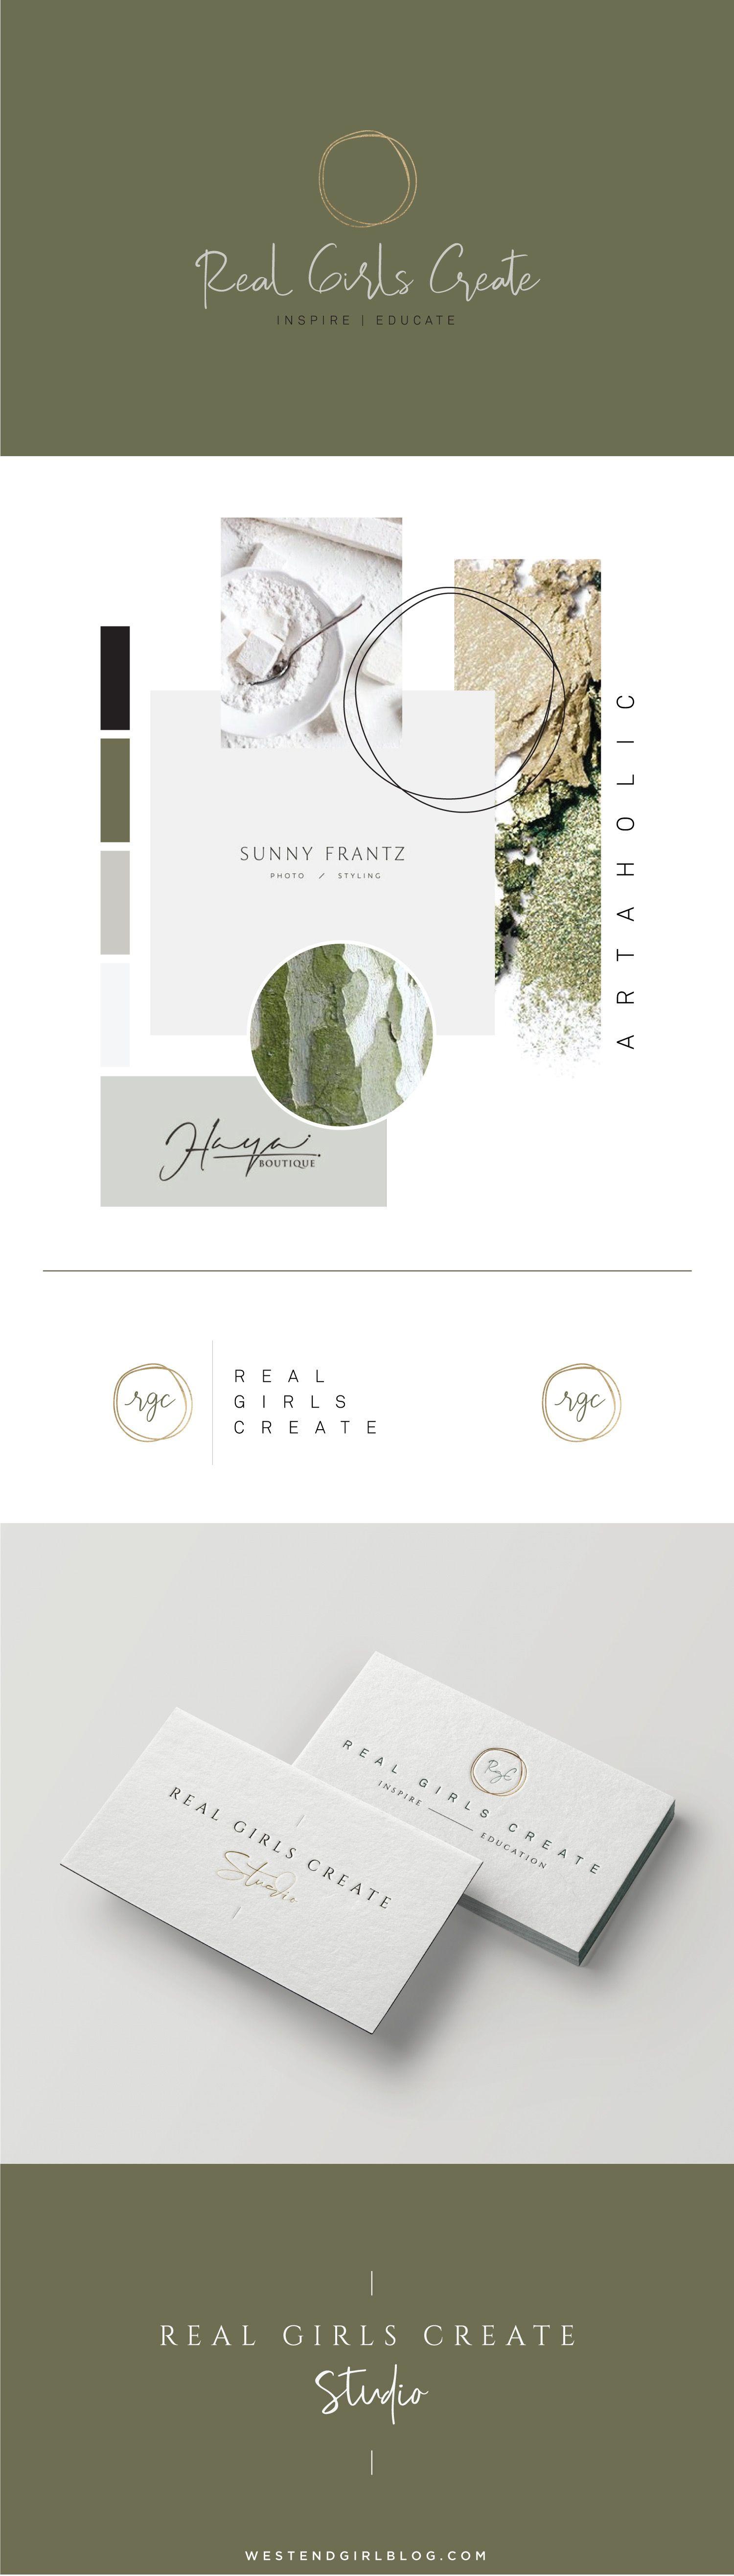 Modern Logo Design By West End Girl Blog Modern Logo Design Identity Design Logo What Is Fashion Designing